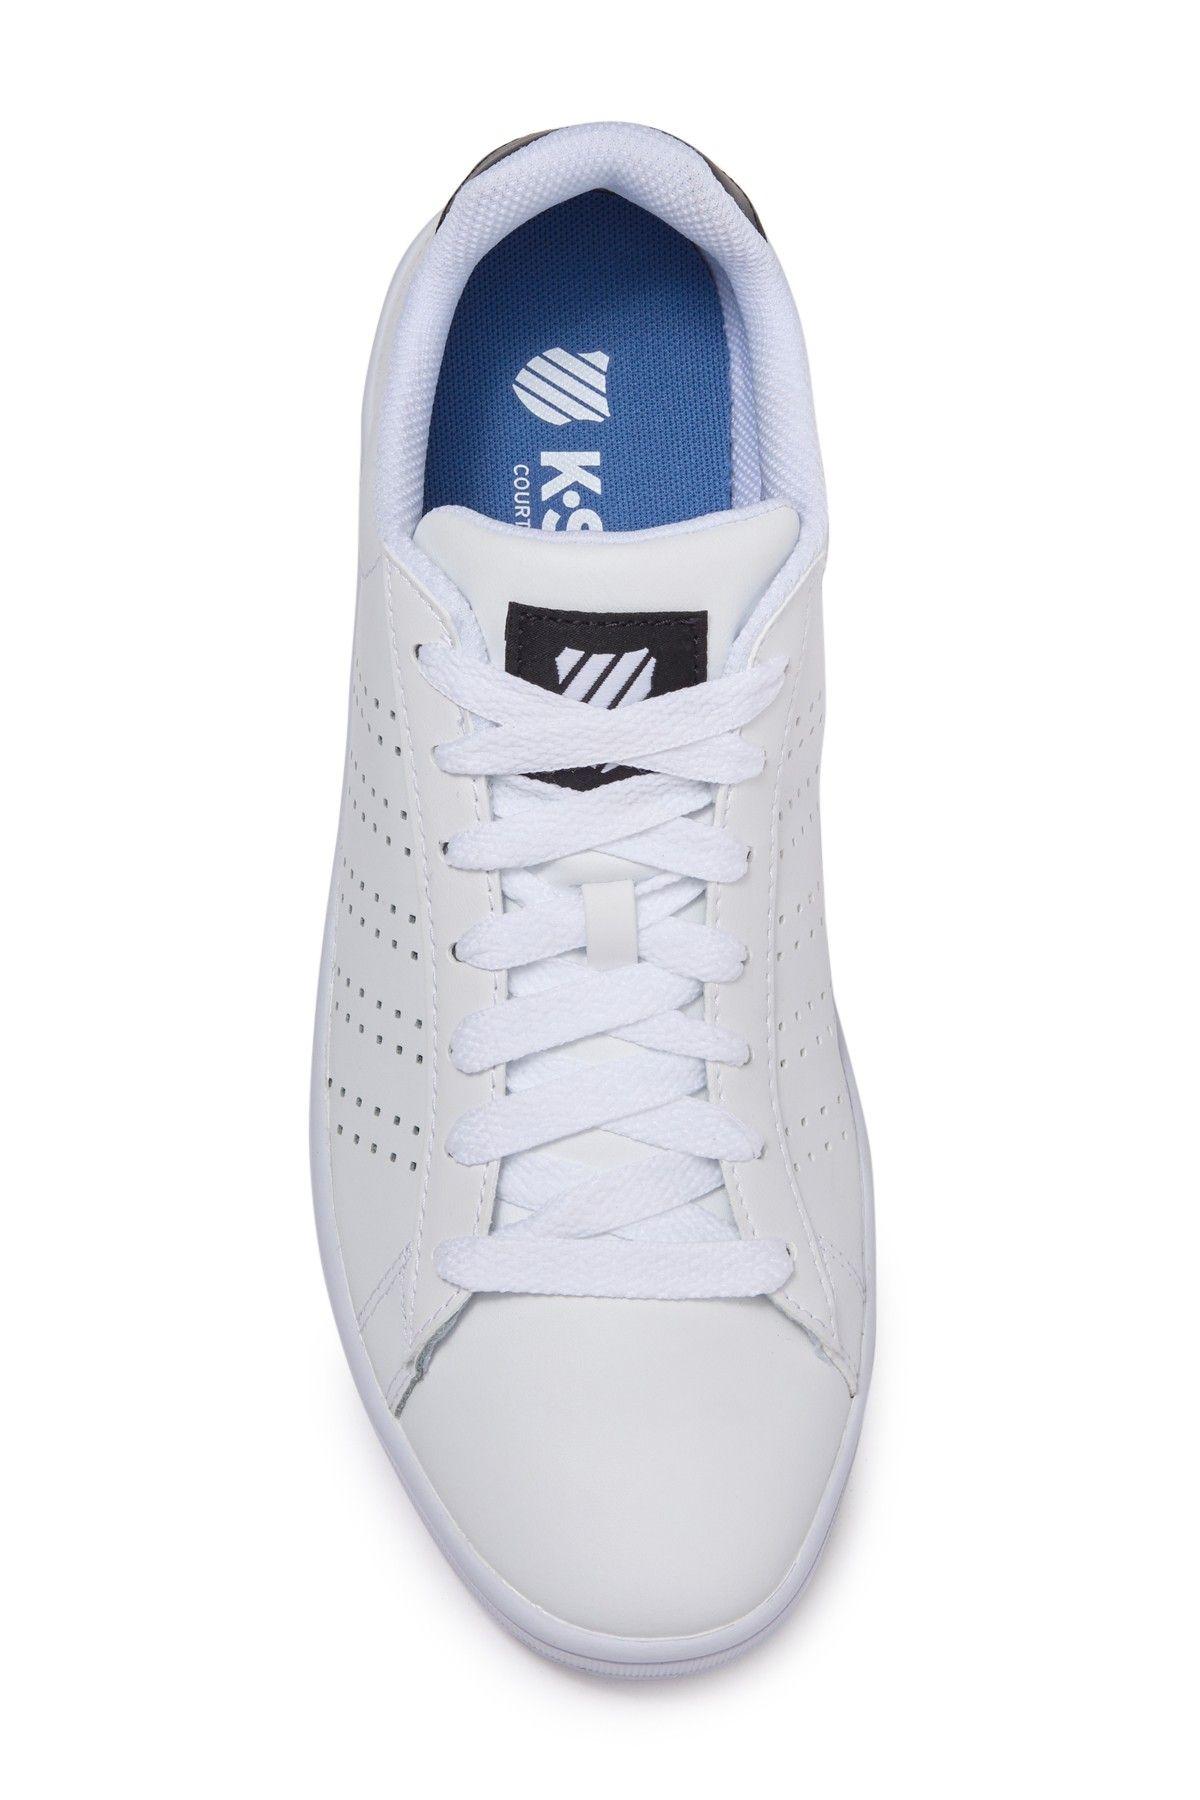 K Swiss Court Casper Sneaker Nordstrom Rack In 2020 Sneakers Classic Sneakers K Swiss